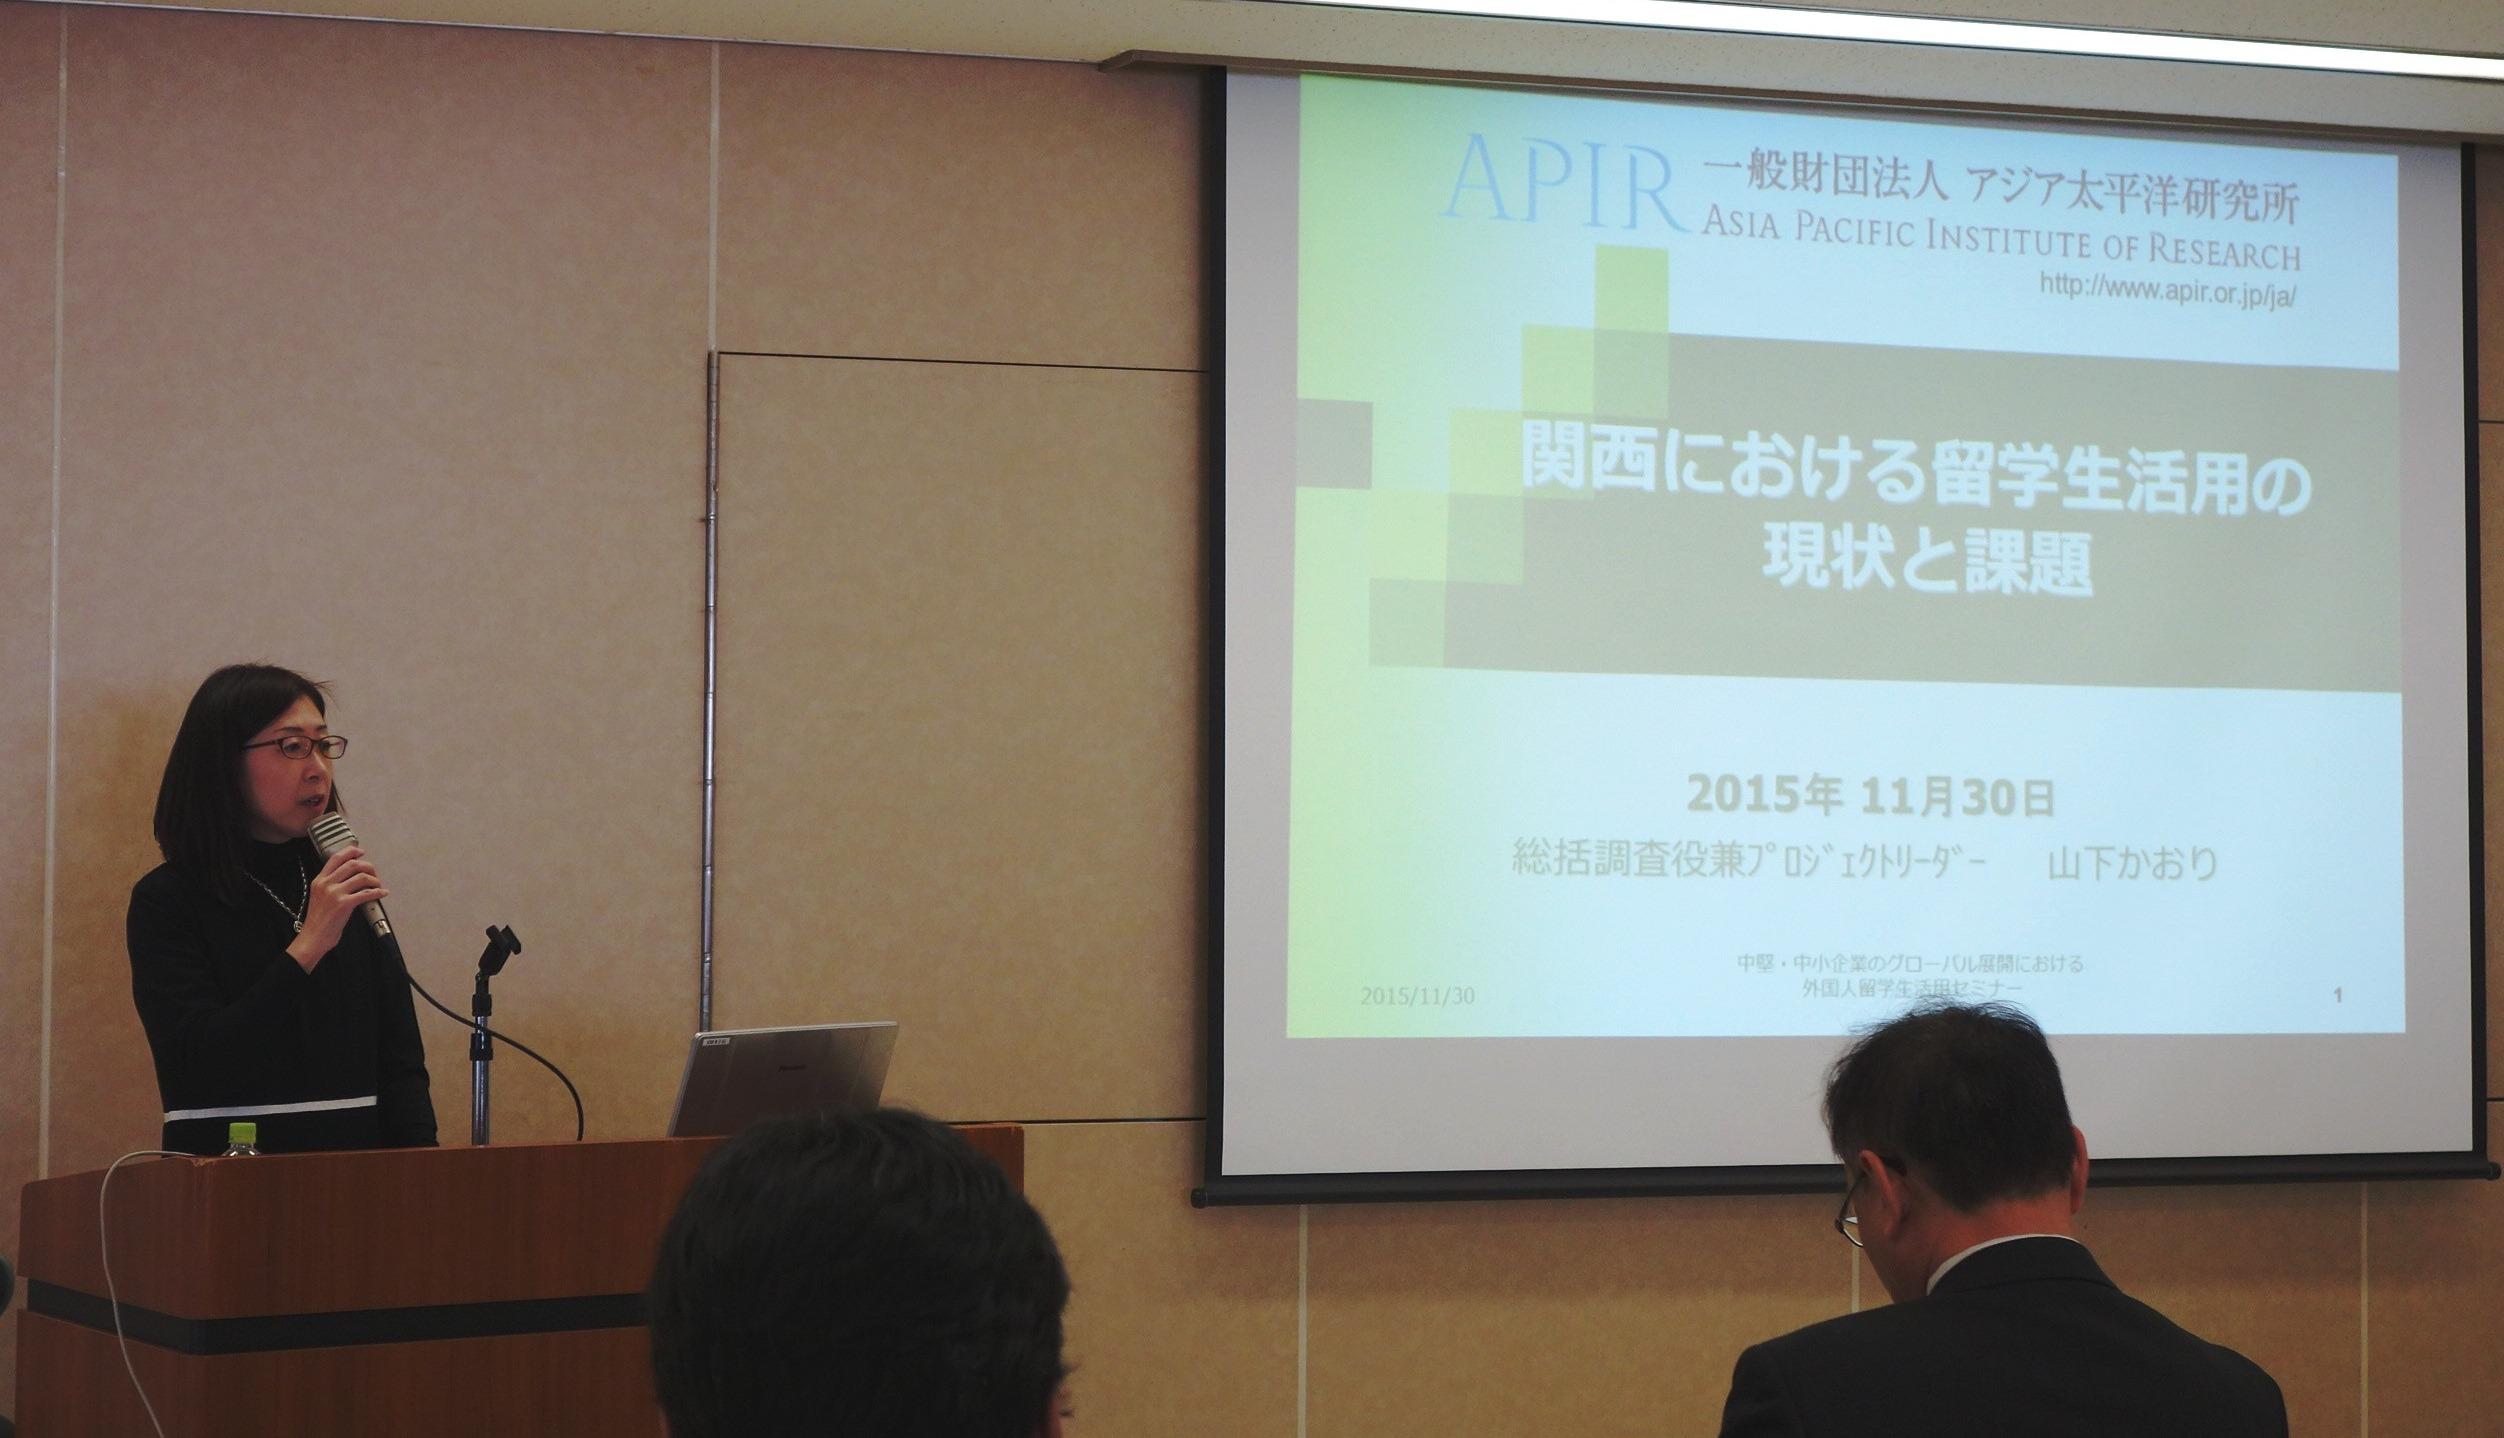 山下総括調査役がジェトロ大阪本部主催の外国人留学生活用セミナーで基調講演